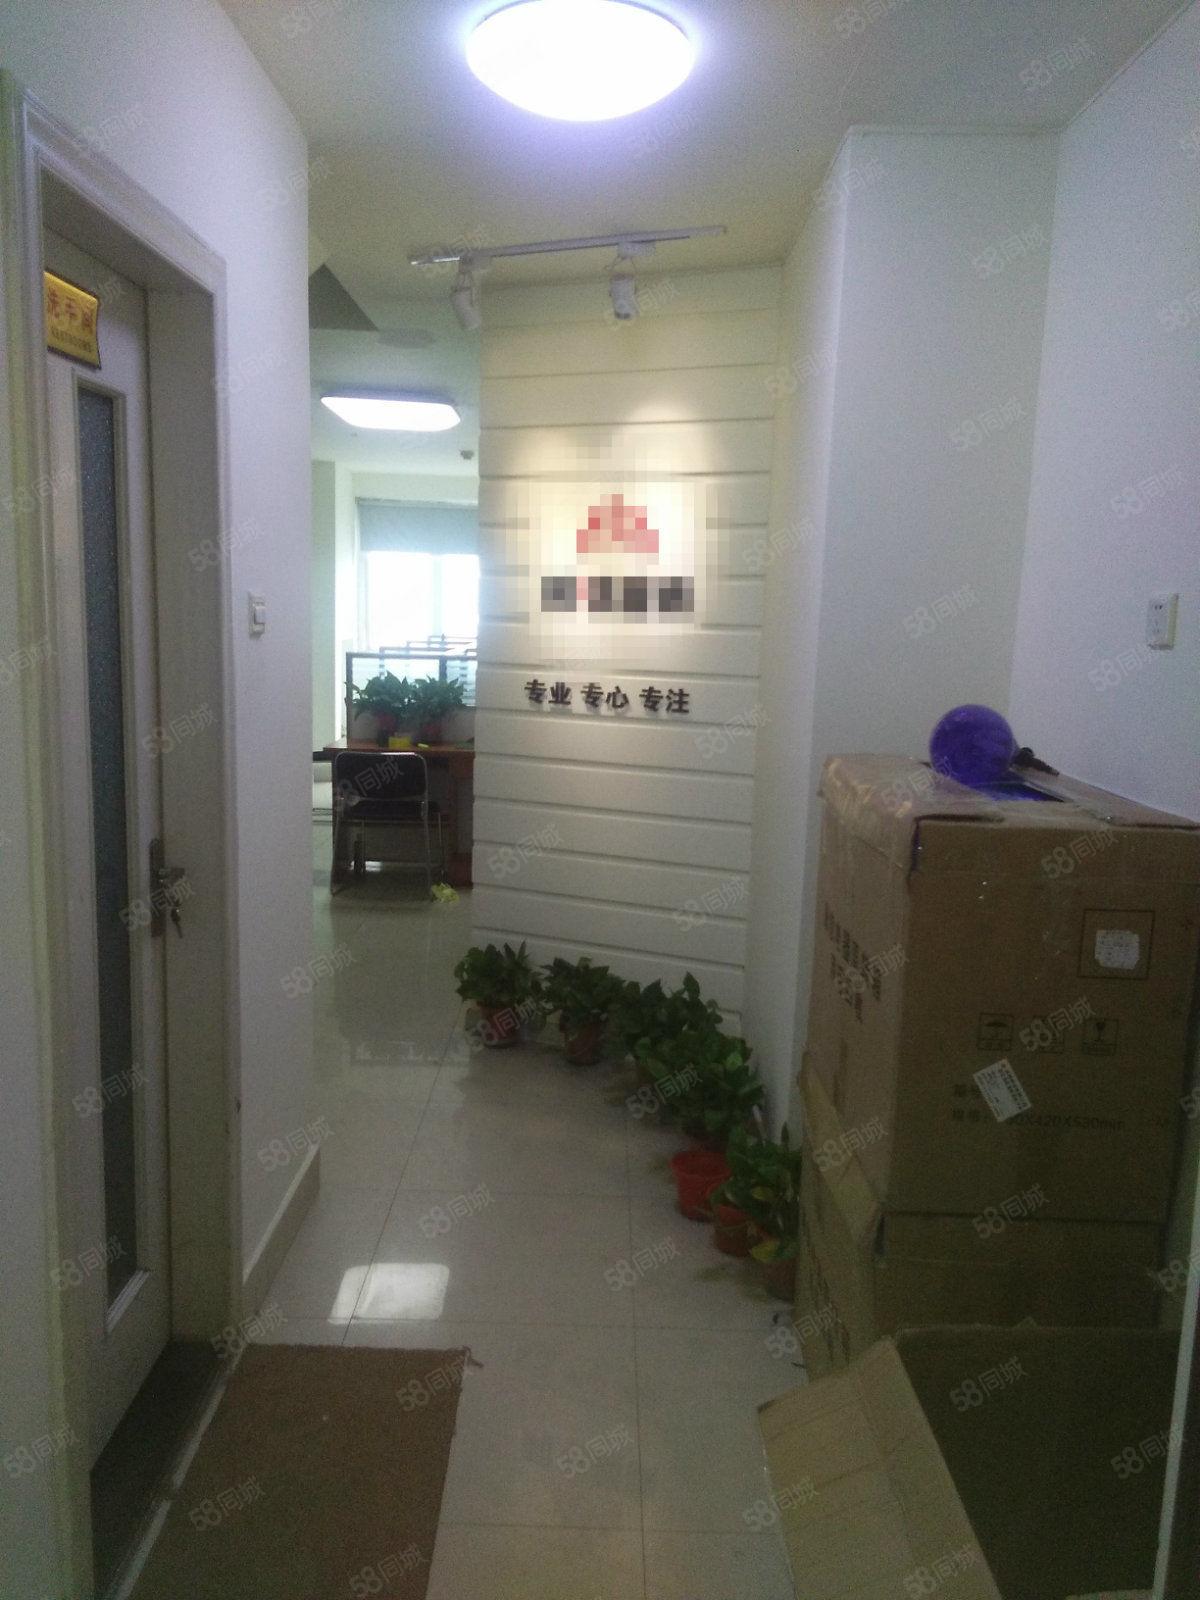 紫荆山路商城路交叉口华林新时代120平78万